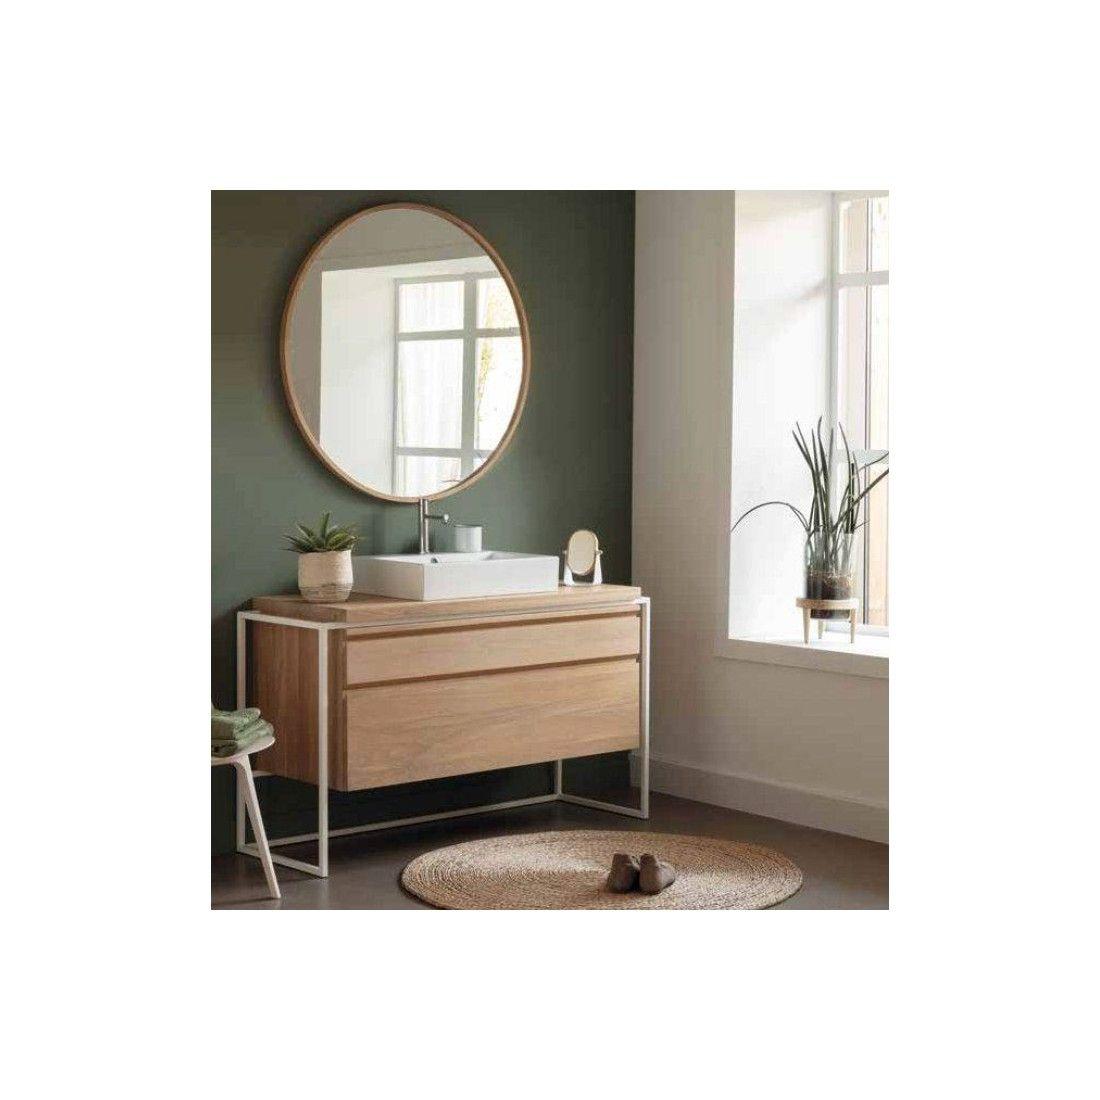 Meuble vasque en chêne avec tiroir et encadrement métalique blanc